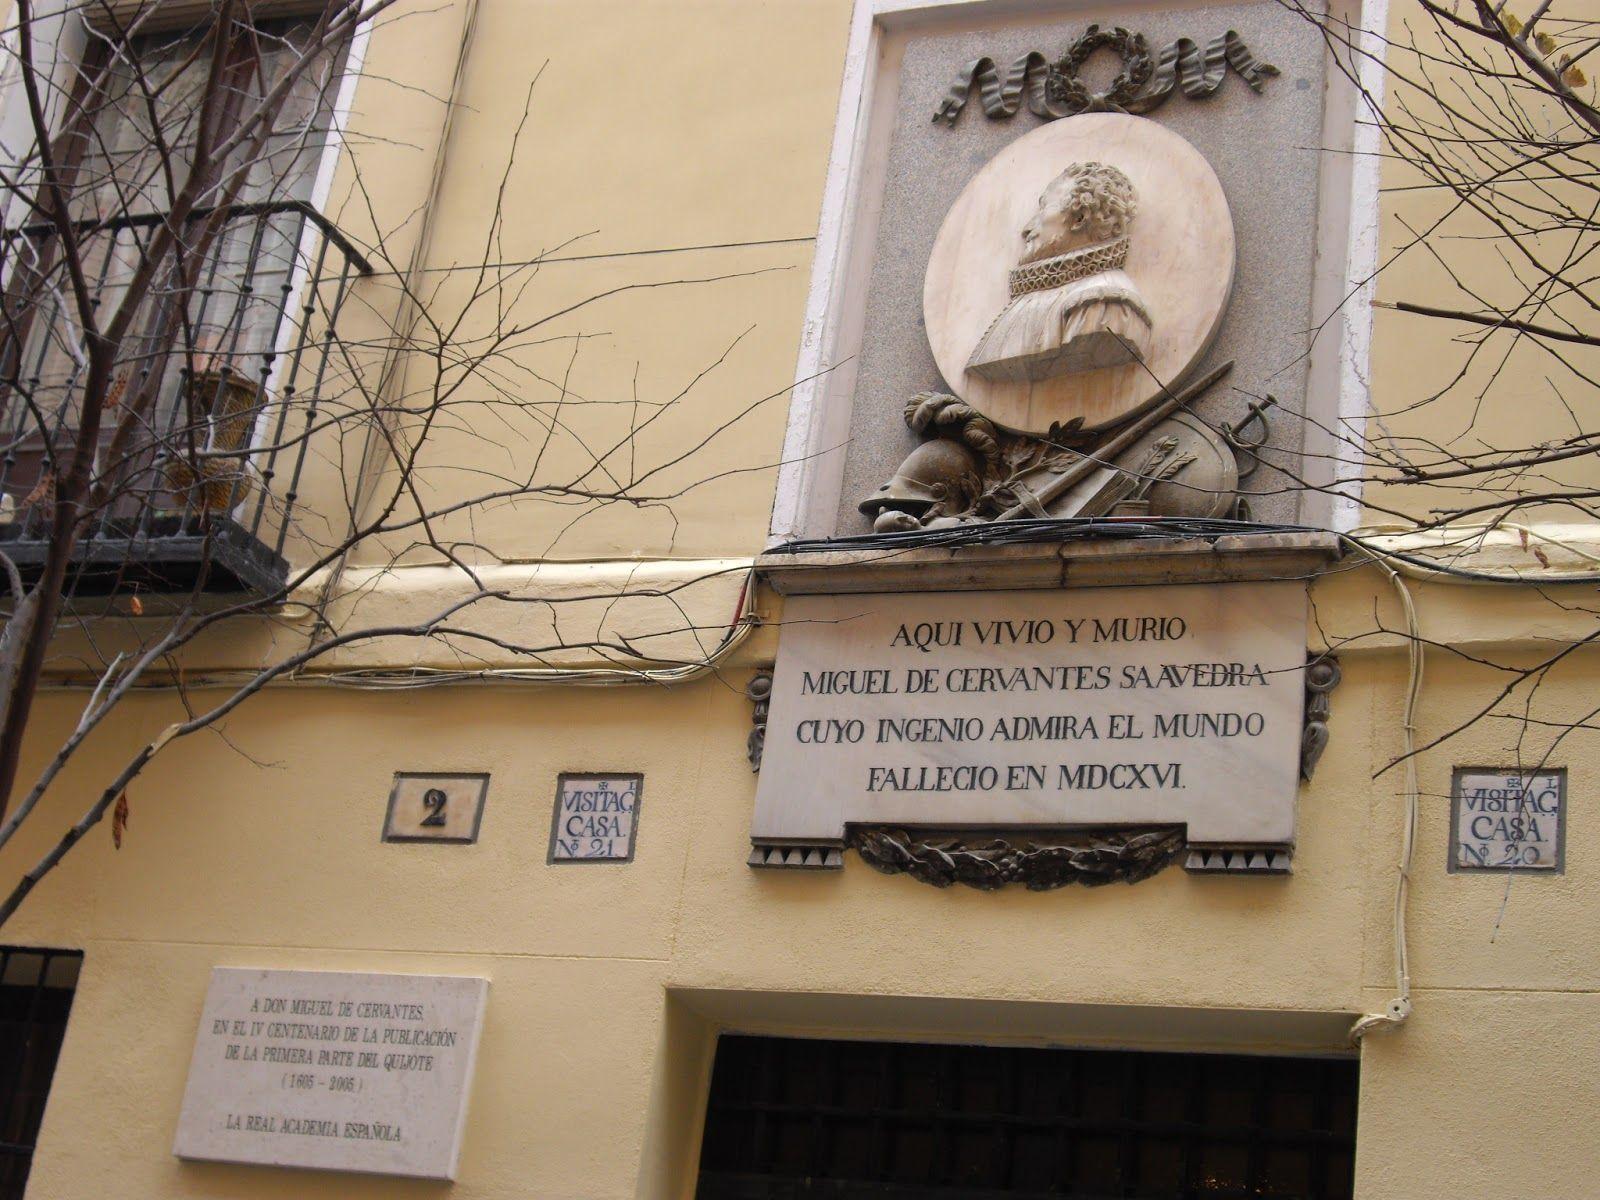 Aquí vivió y murio don Miguel de Cervantes